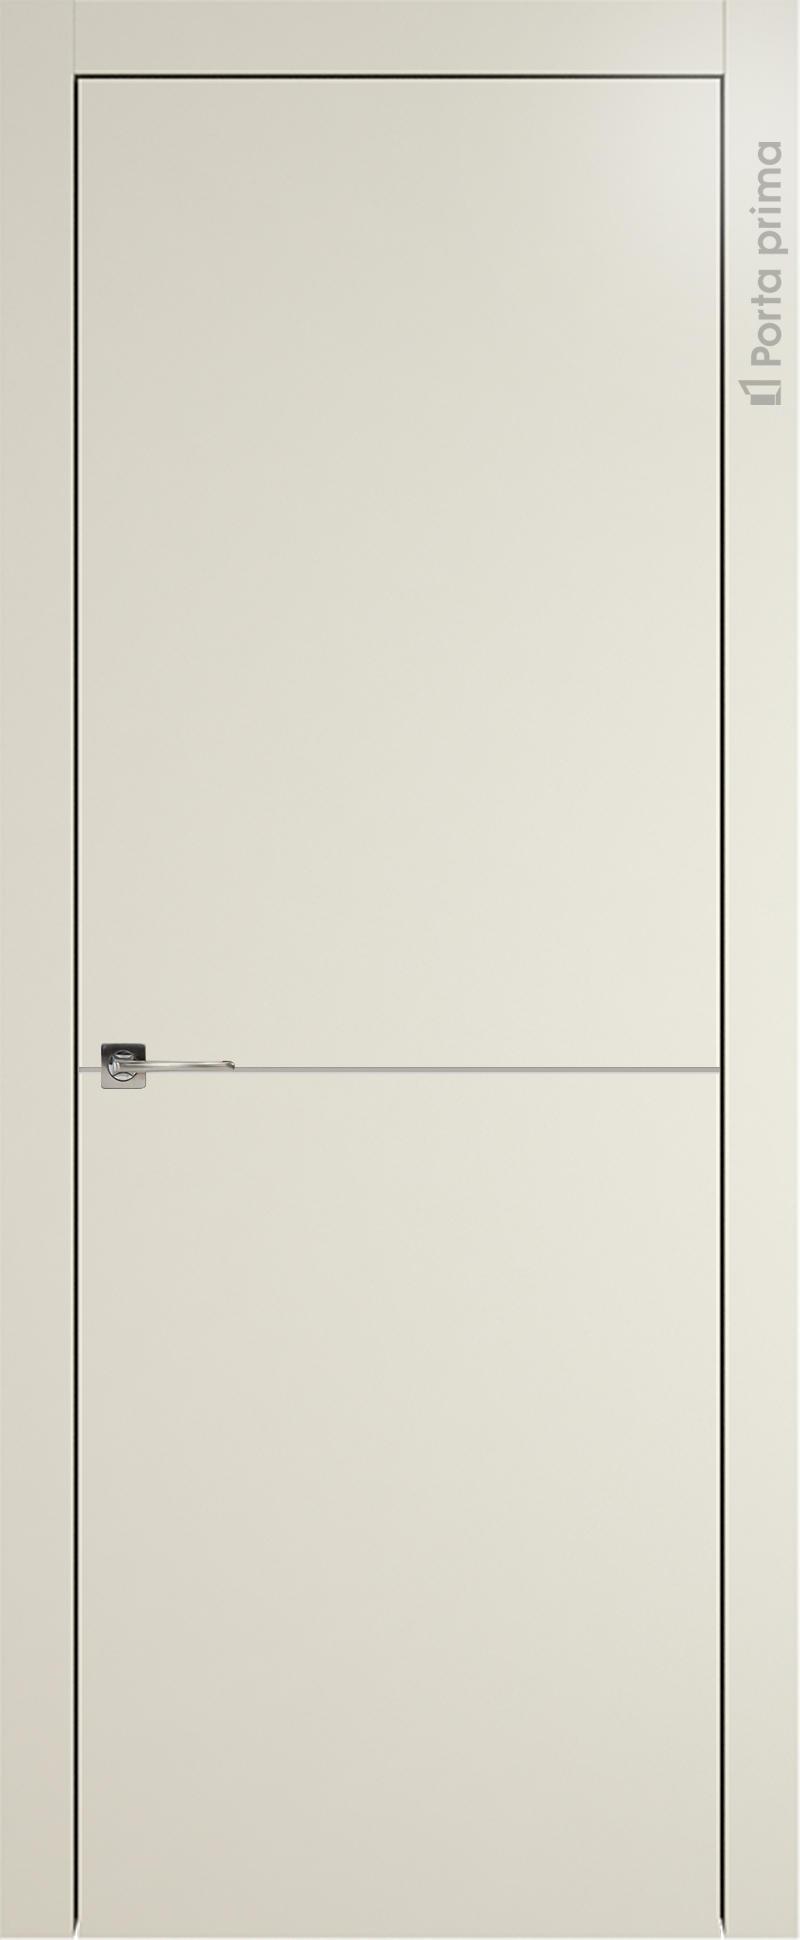 Tivoli Б-2 цвет - Жемчужная эмаль (RAL 1013) Без стекла (ДГ)